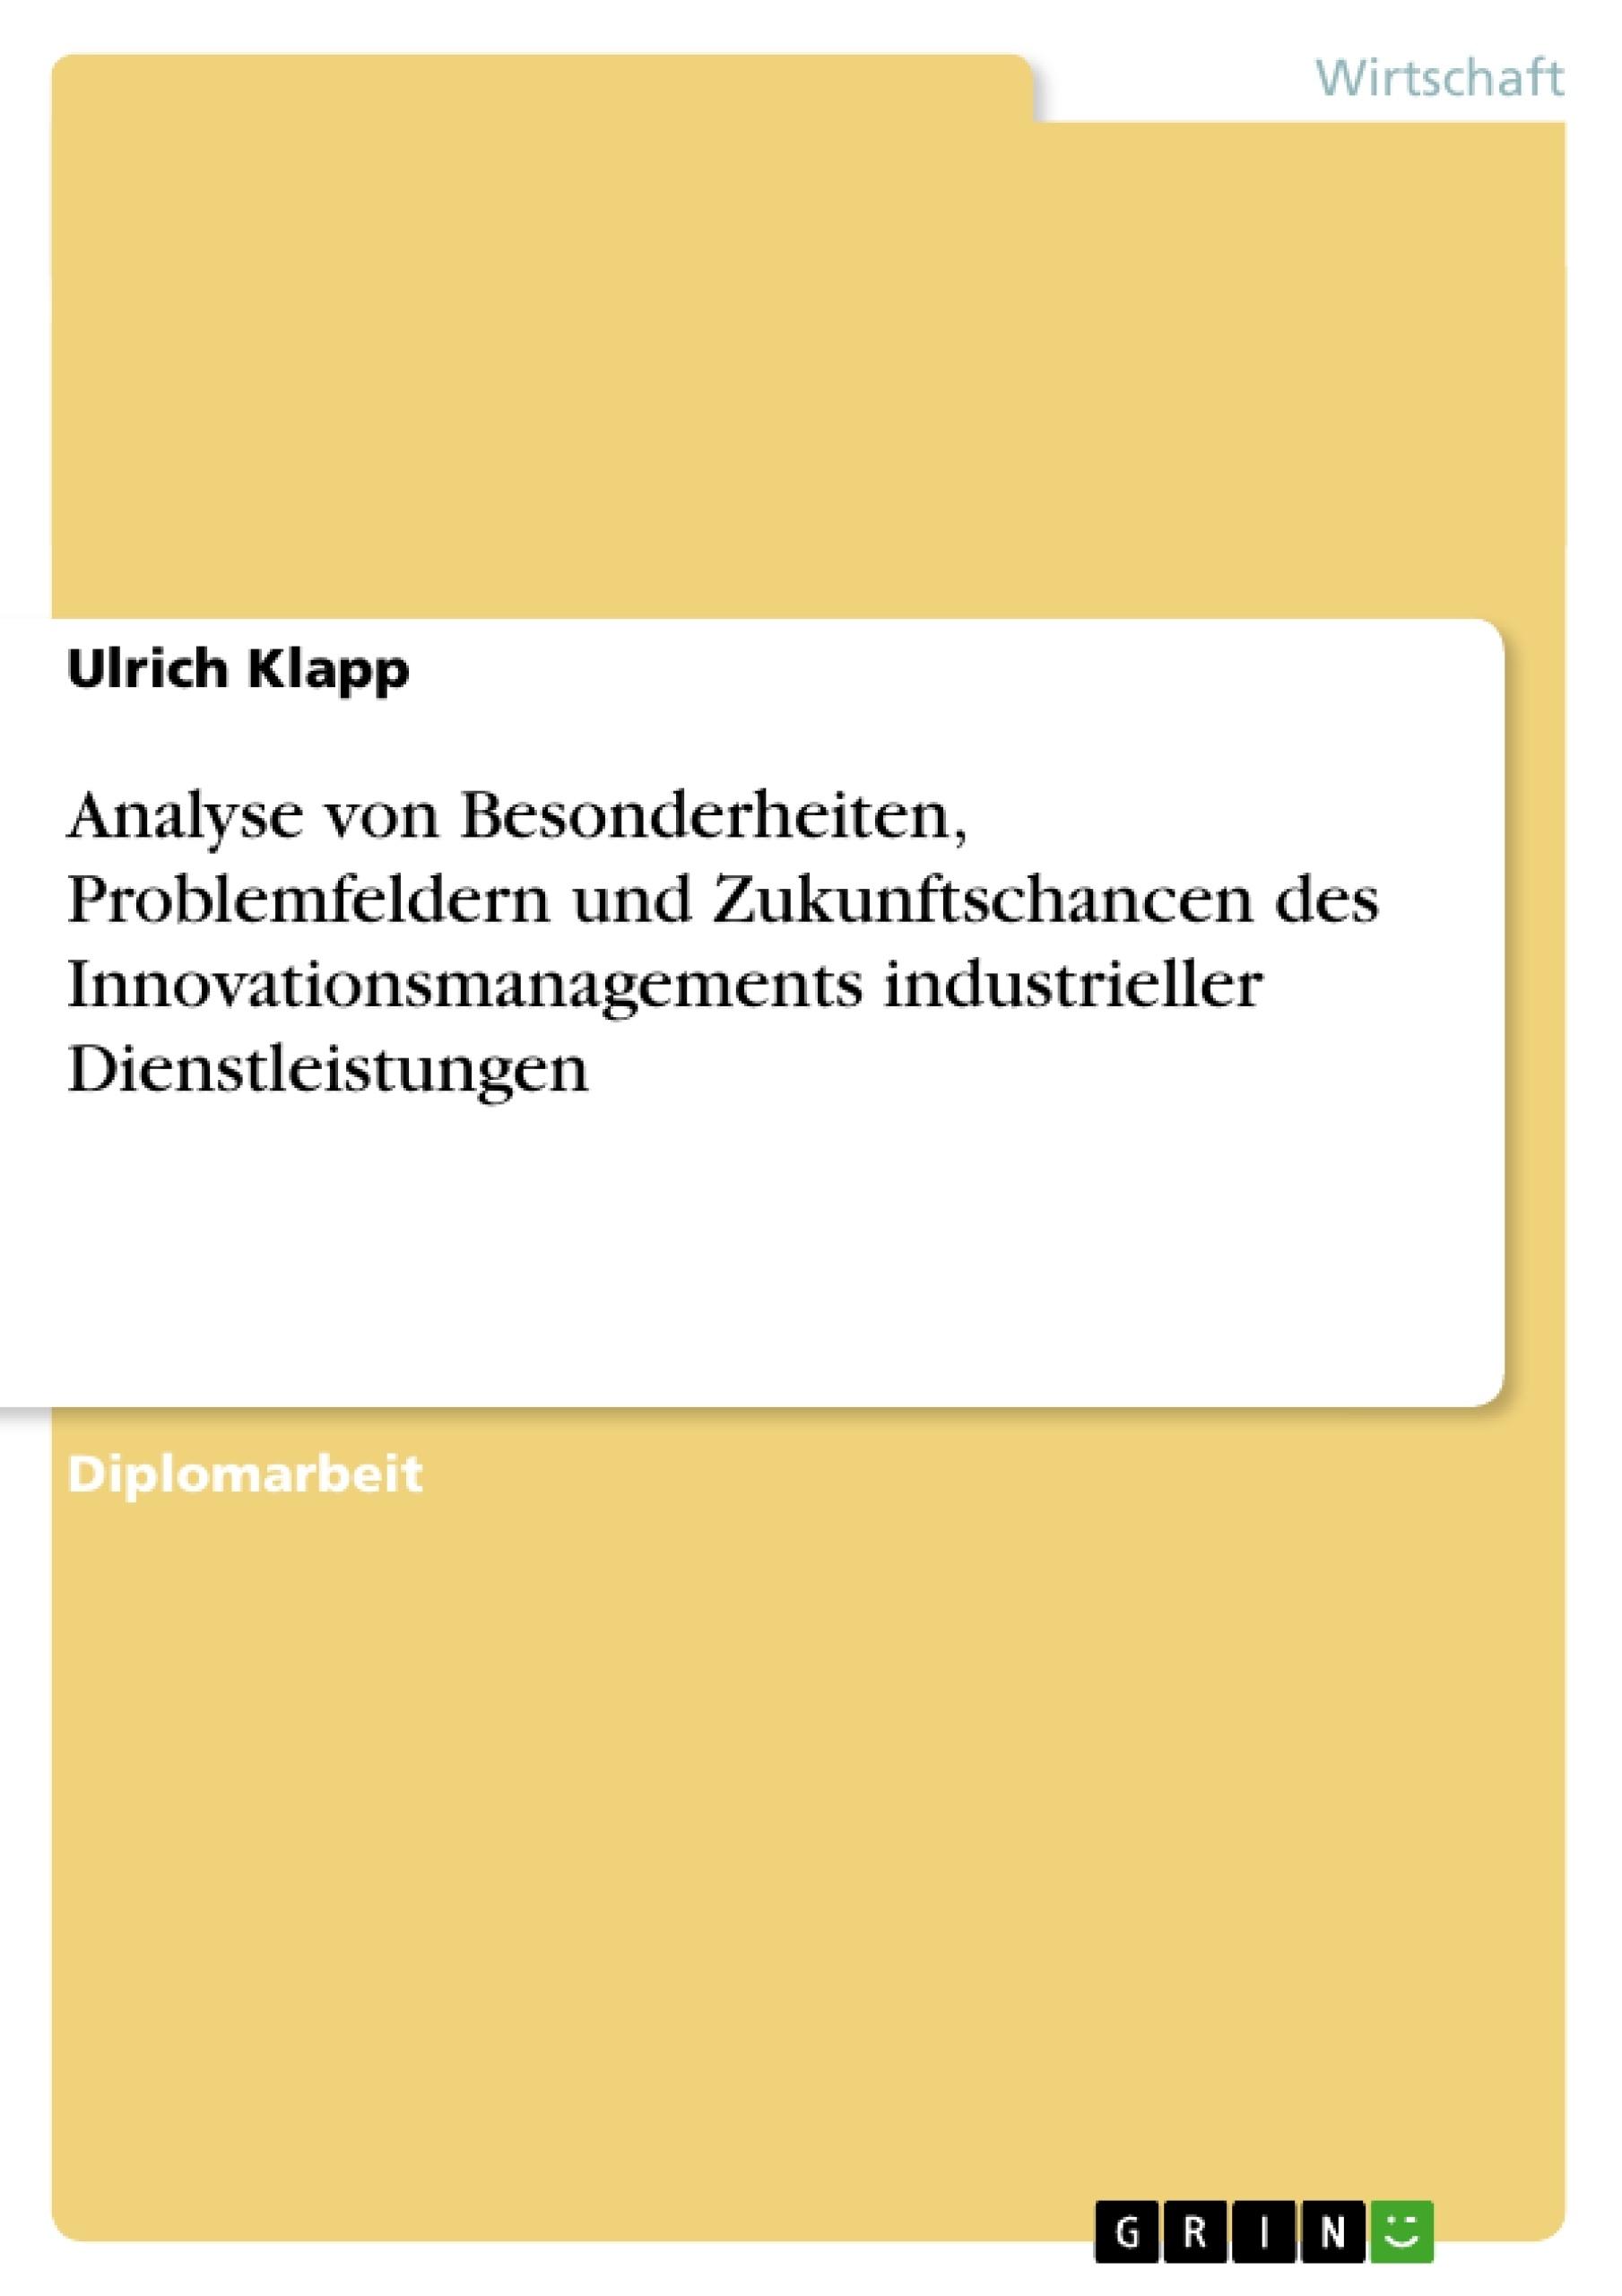 Titel: Analyse von Besonderheiten, Problemfeldern und Zukunftschancen des Innovationsmanagements industrieller Dienstleistungen